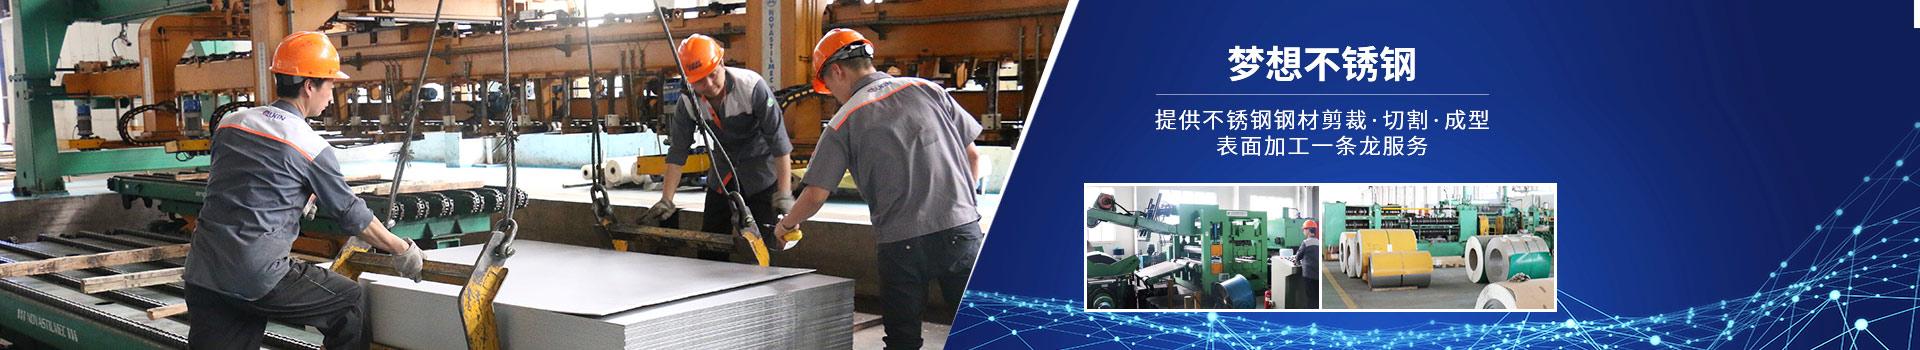 梦想不锈钢-提供不锈钢钢材剪裁、切割、成型、表面加工一条龙服务